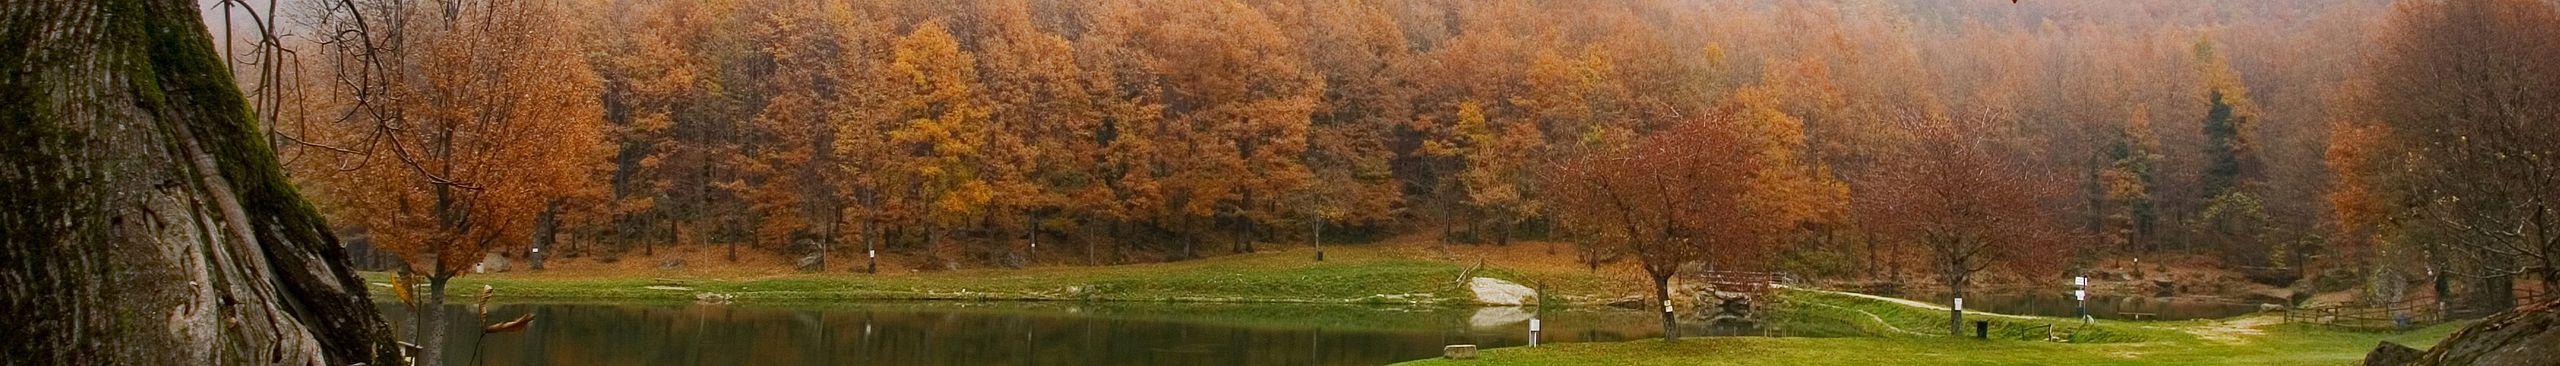 Bagno di romagna wikivoyage guida turistica di viaggio - Lago lungo bagno di romagna ...